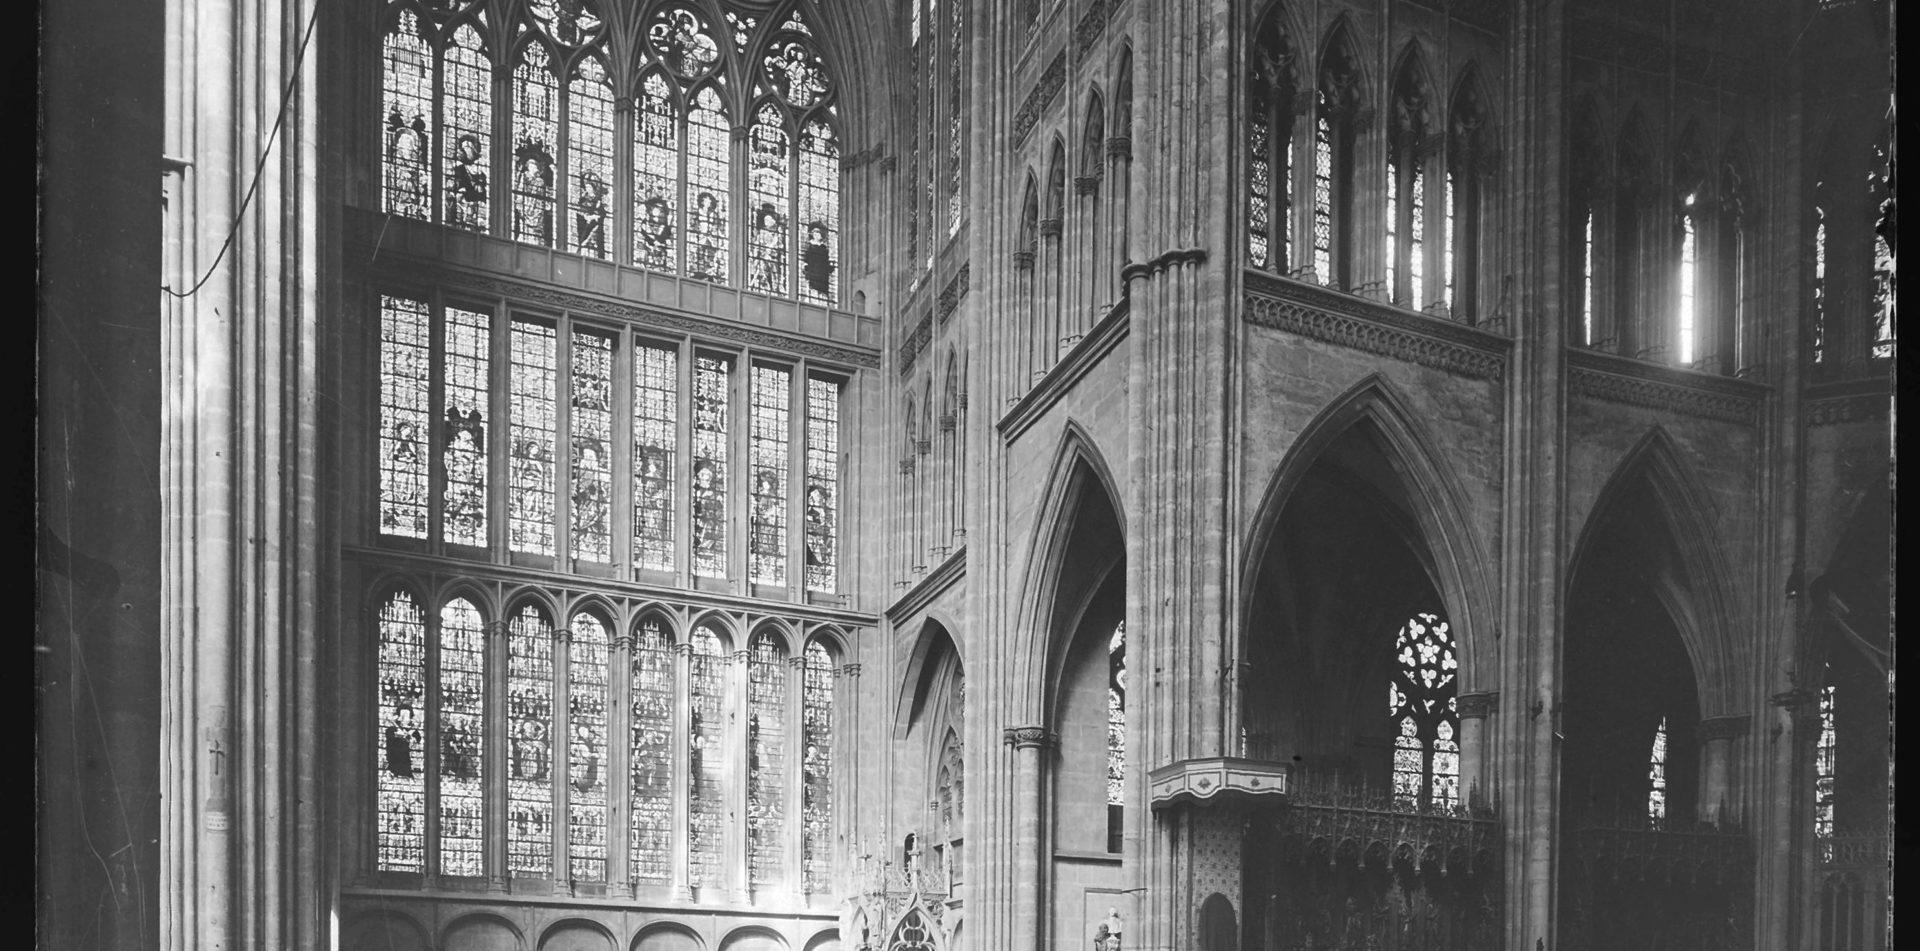 Contenu du Les vitraux de la cathédrale de Metz